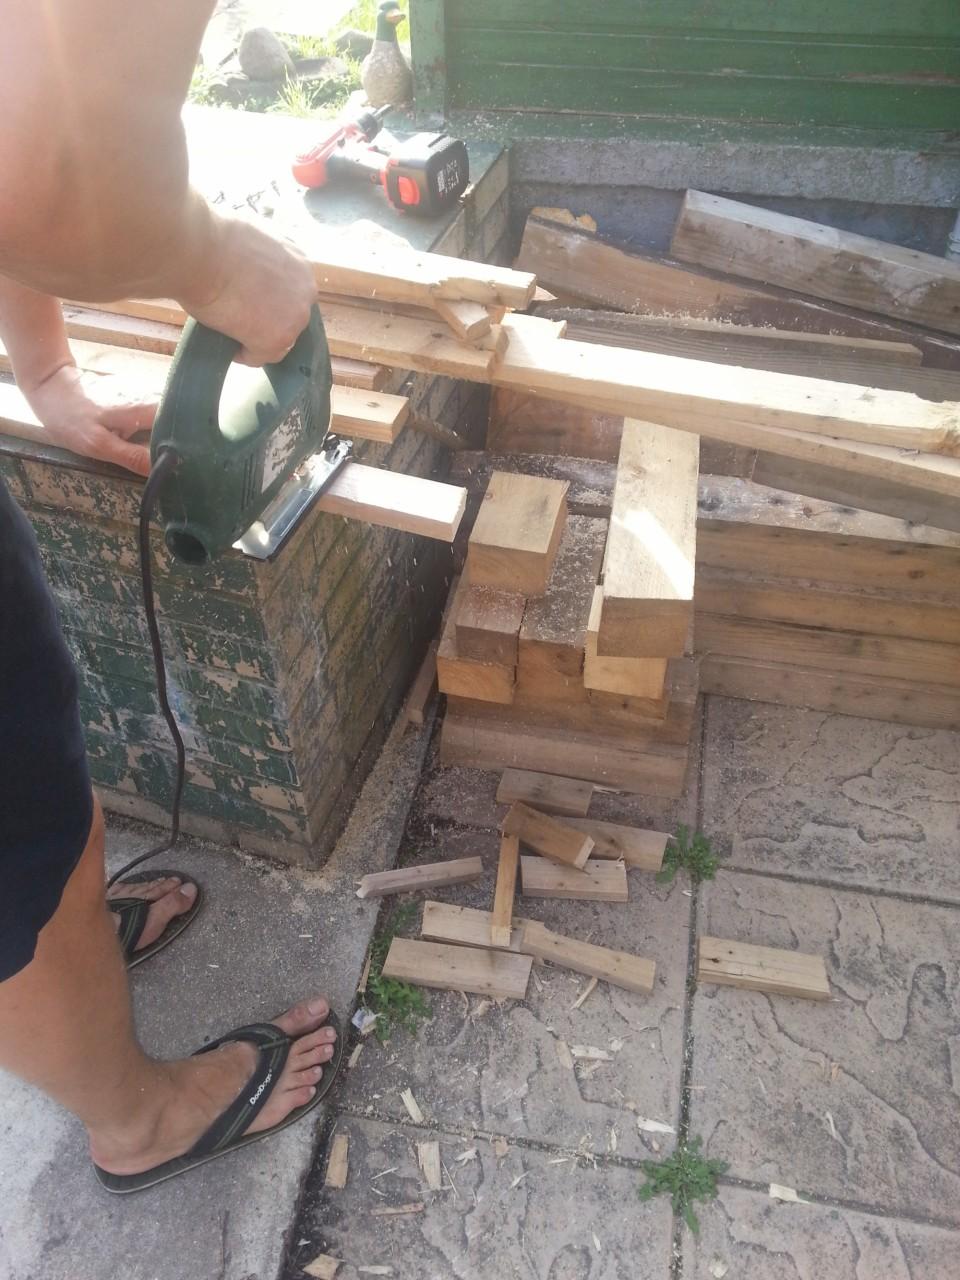 Идея отделки стены деревянной мозаикой. Дачный вариант